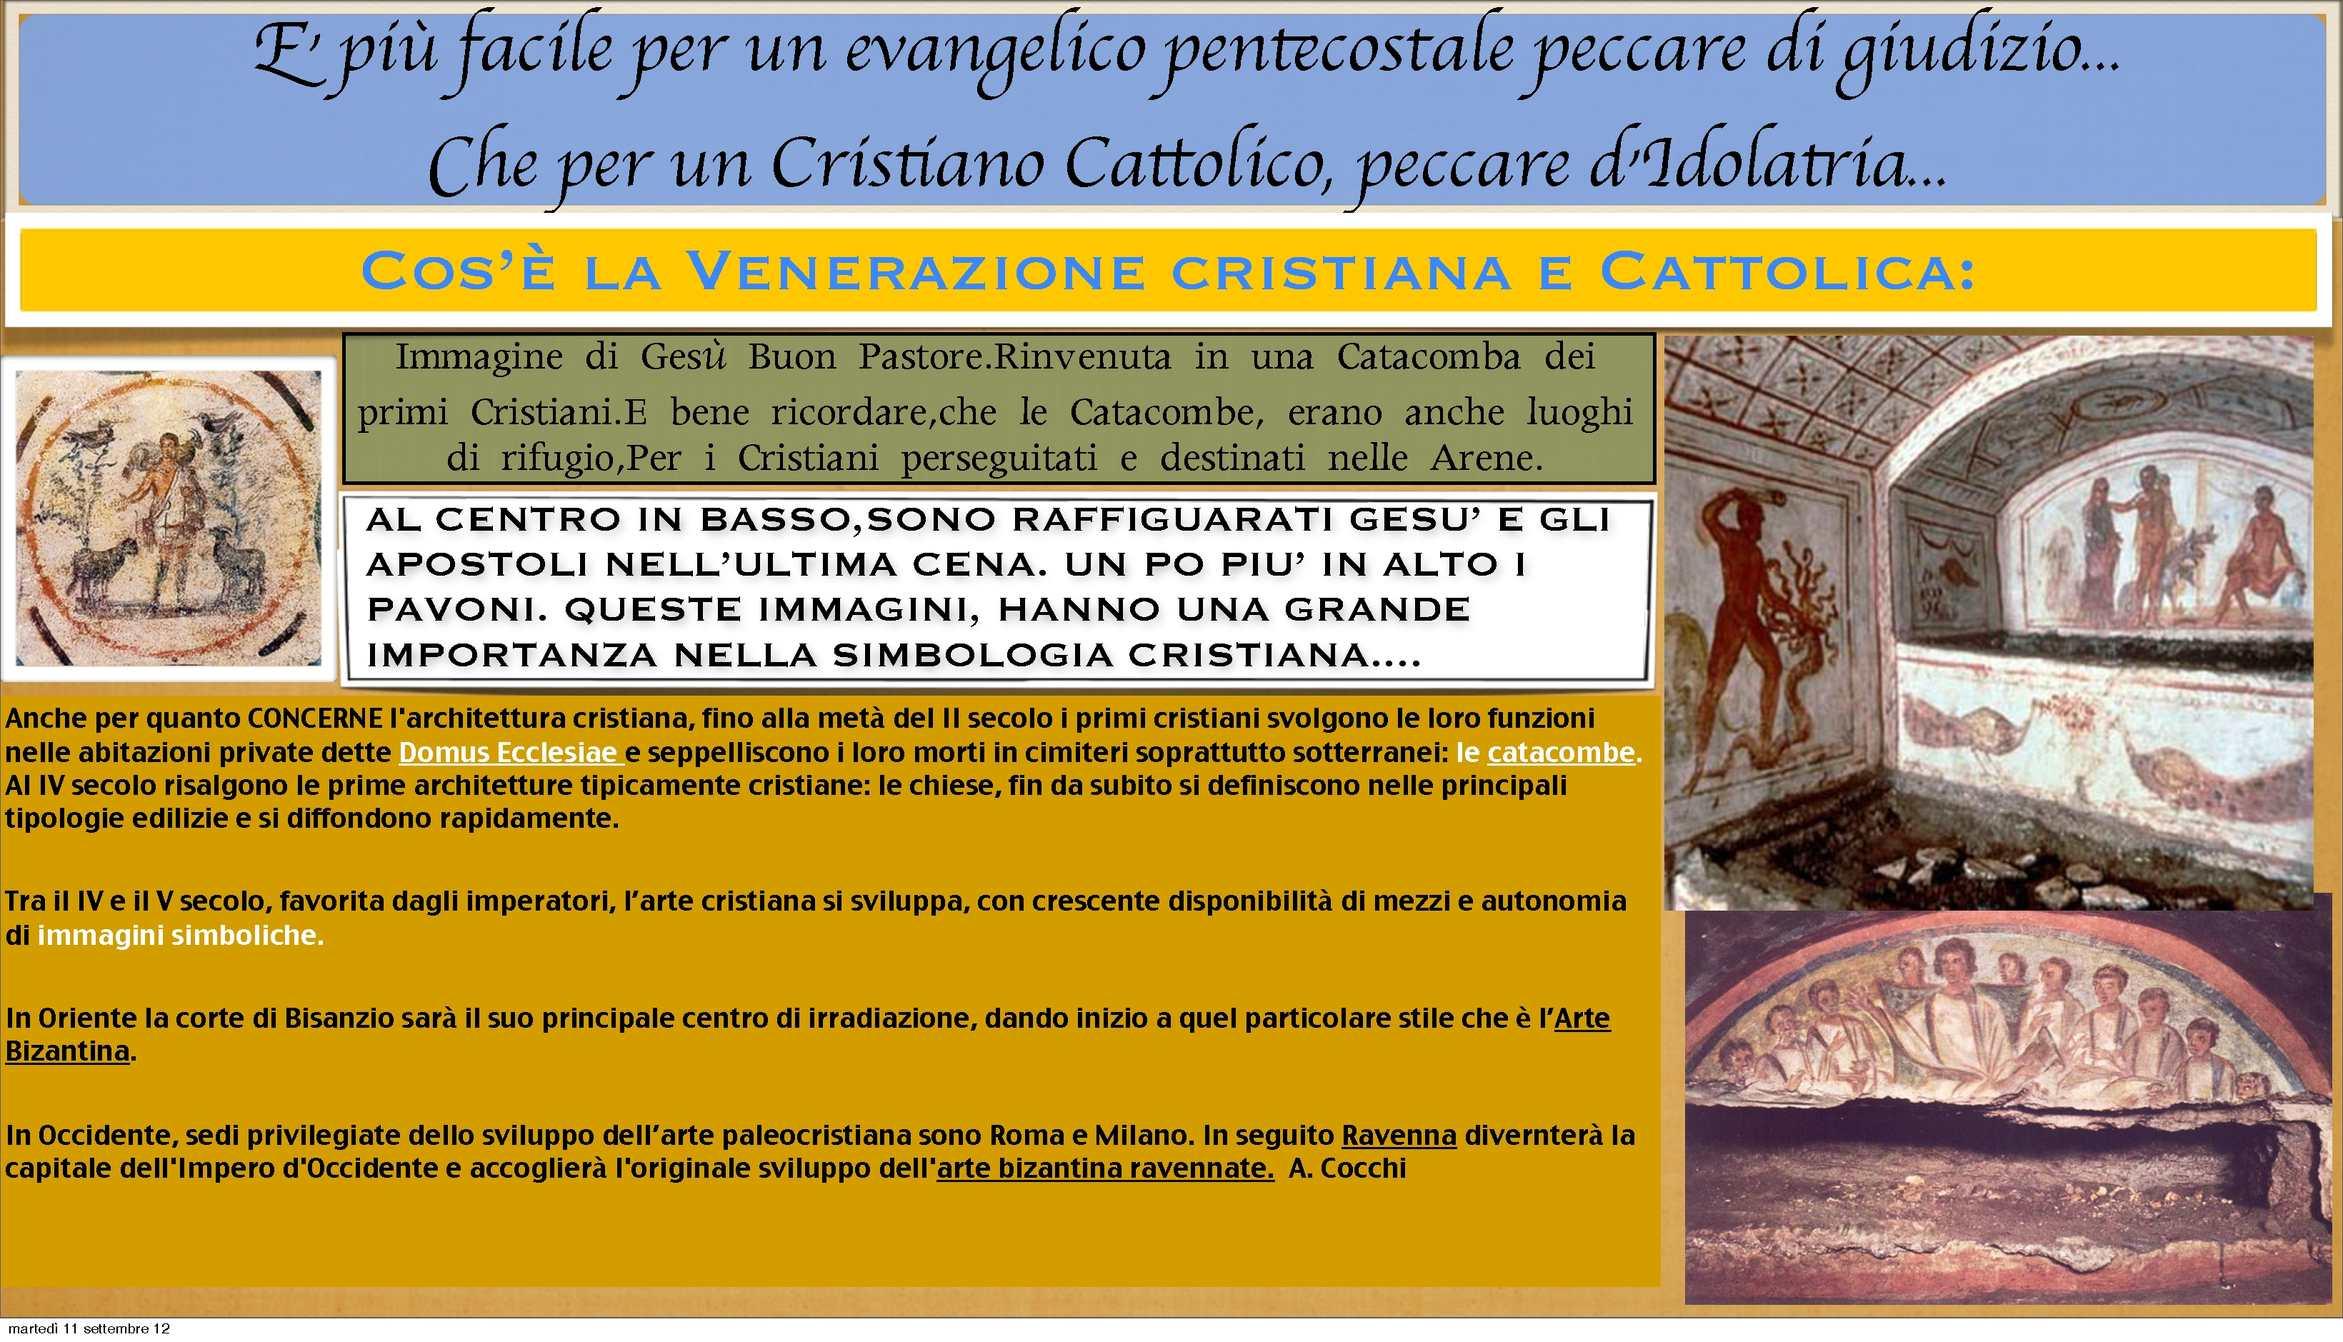 """"""" E' PIU' FACILE CHE UN PENTECOSTALE PECCHI DI GIUDIZIO,CHE UN CATTOLICO D'IDOLATRIA"""""""